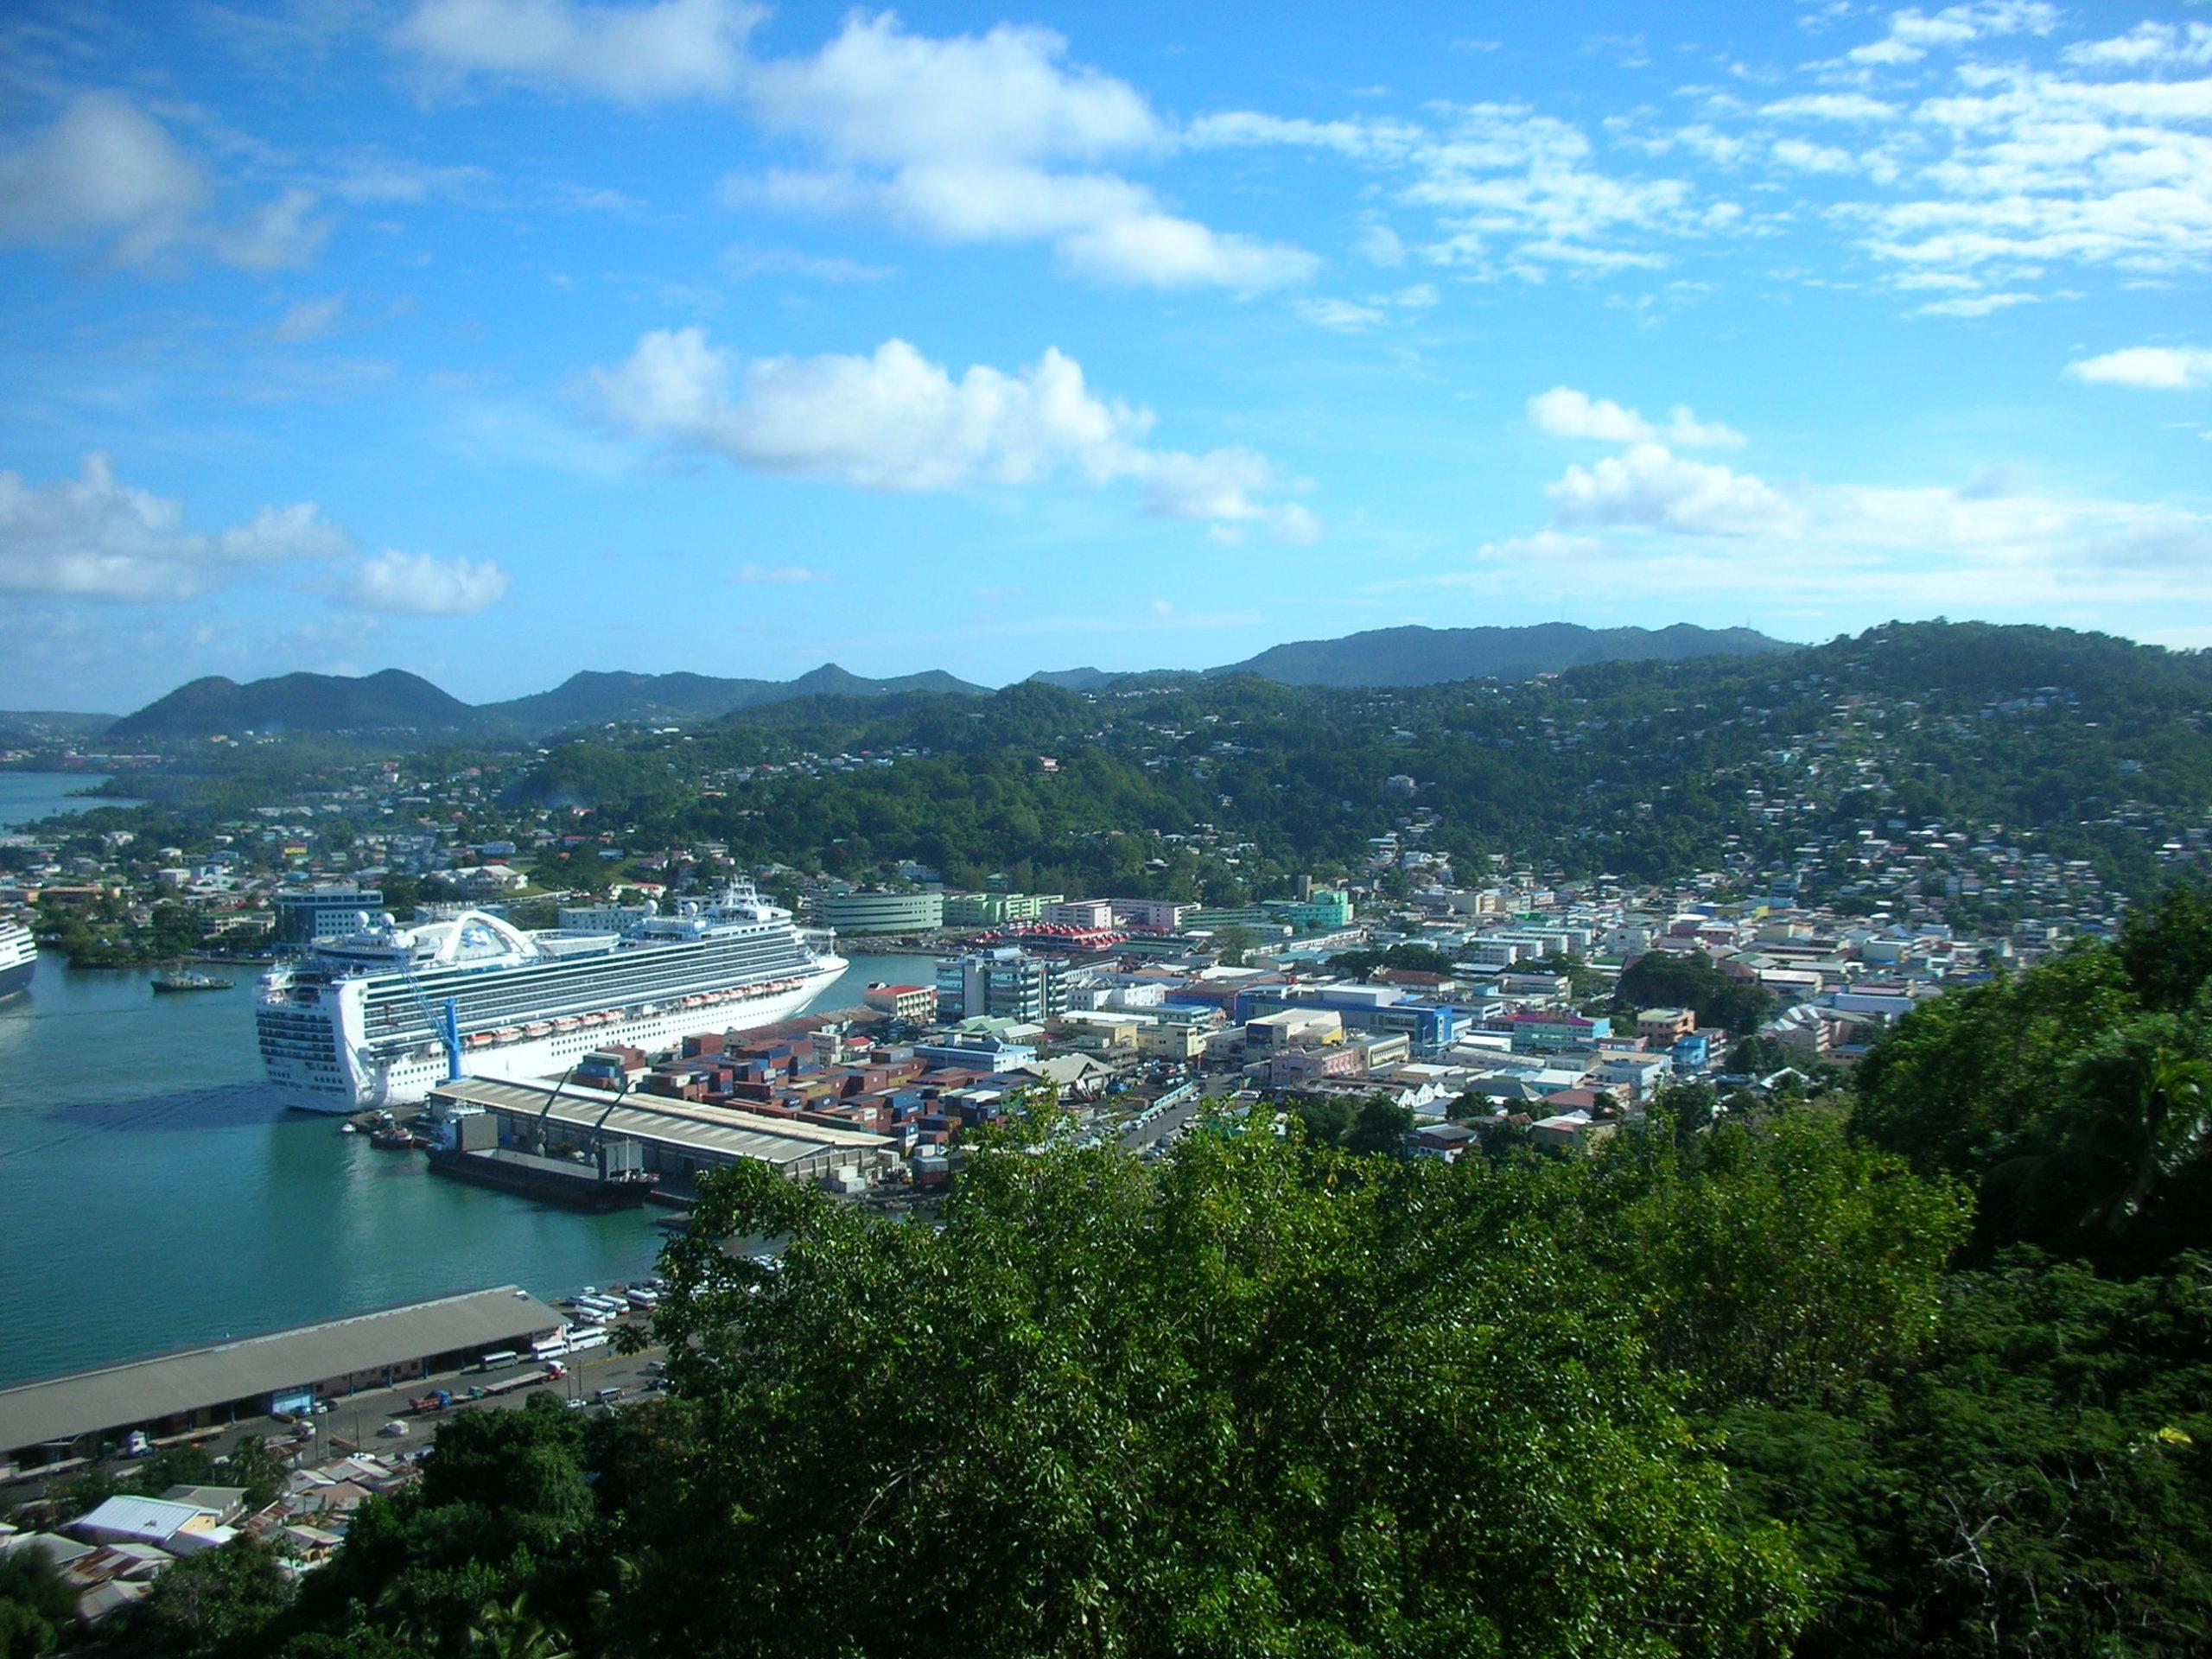 St Lucia Harbor